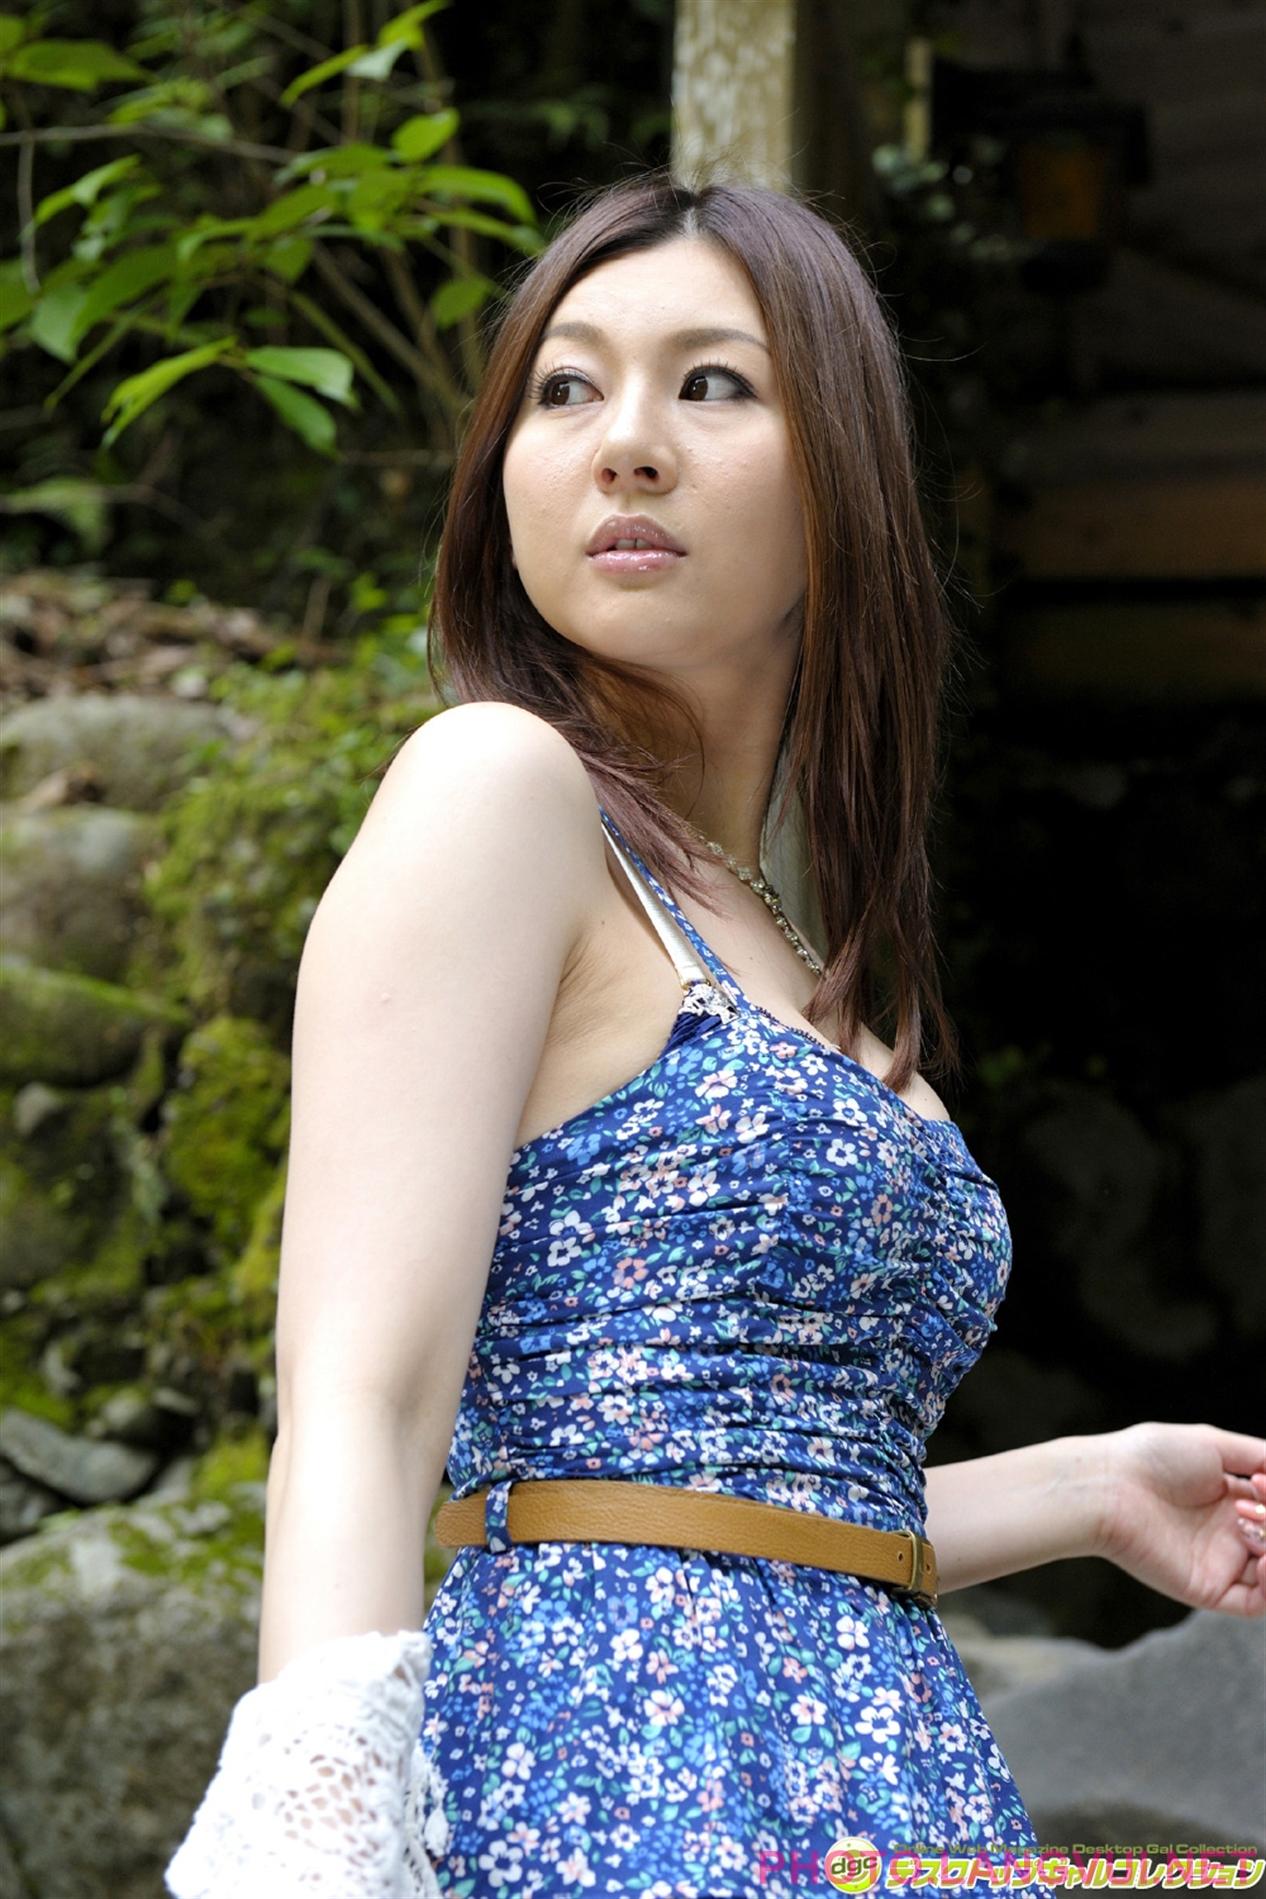 [DGC] No.1213 ~ Yui Tatsumi   爱JJ